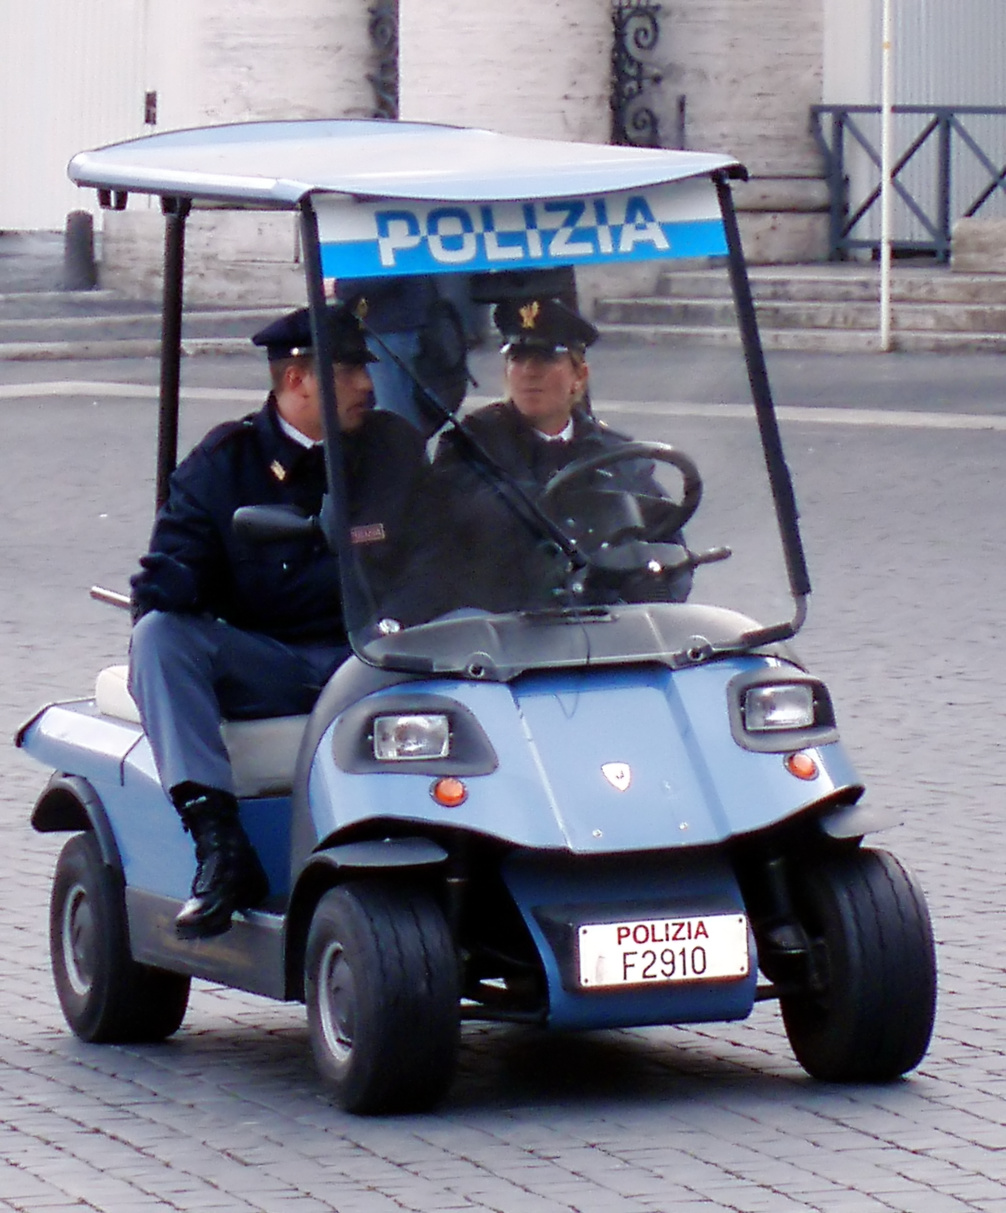 """Italienisches Polizeifahrzeug des Aufsichtsamtes für Öffentliche Sicherheit """"Vatikan""""."""